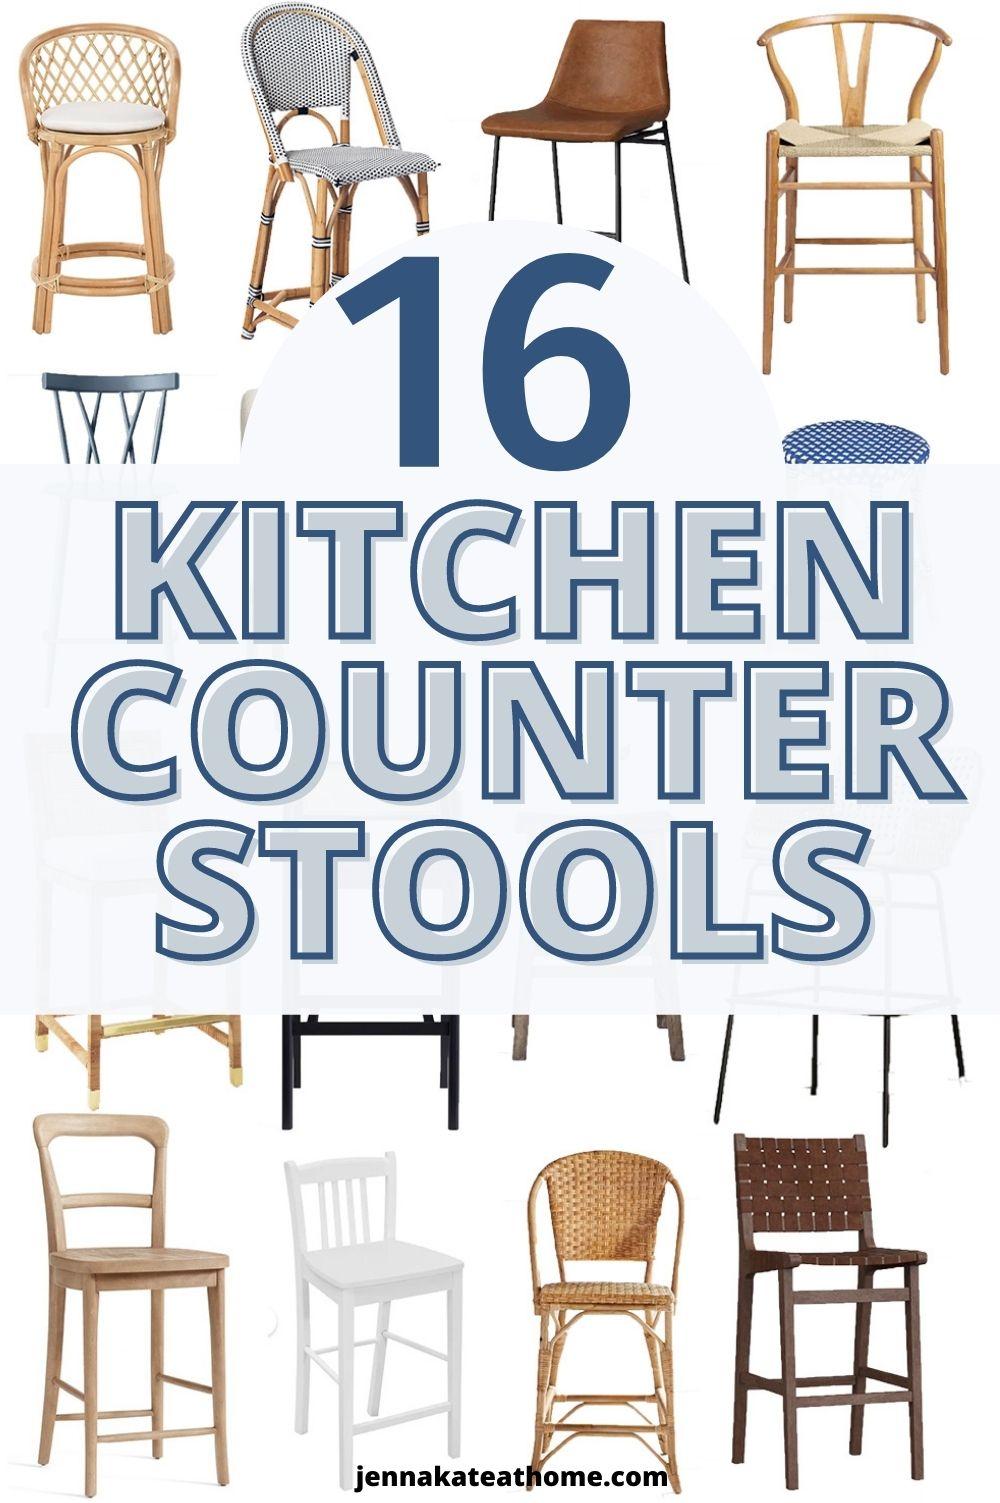 kitchen counter stools pin